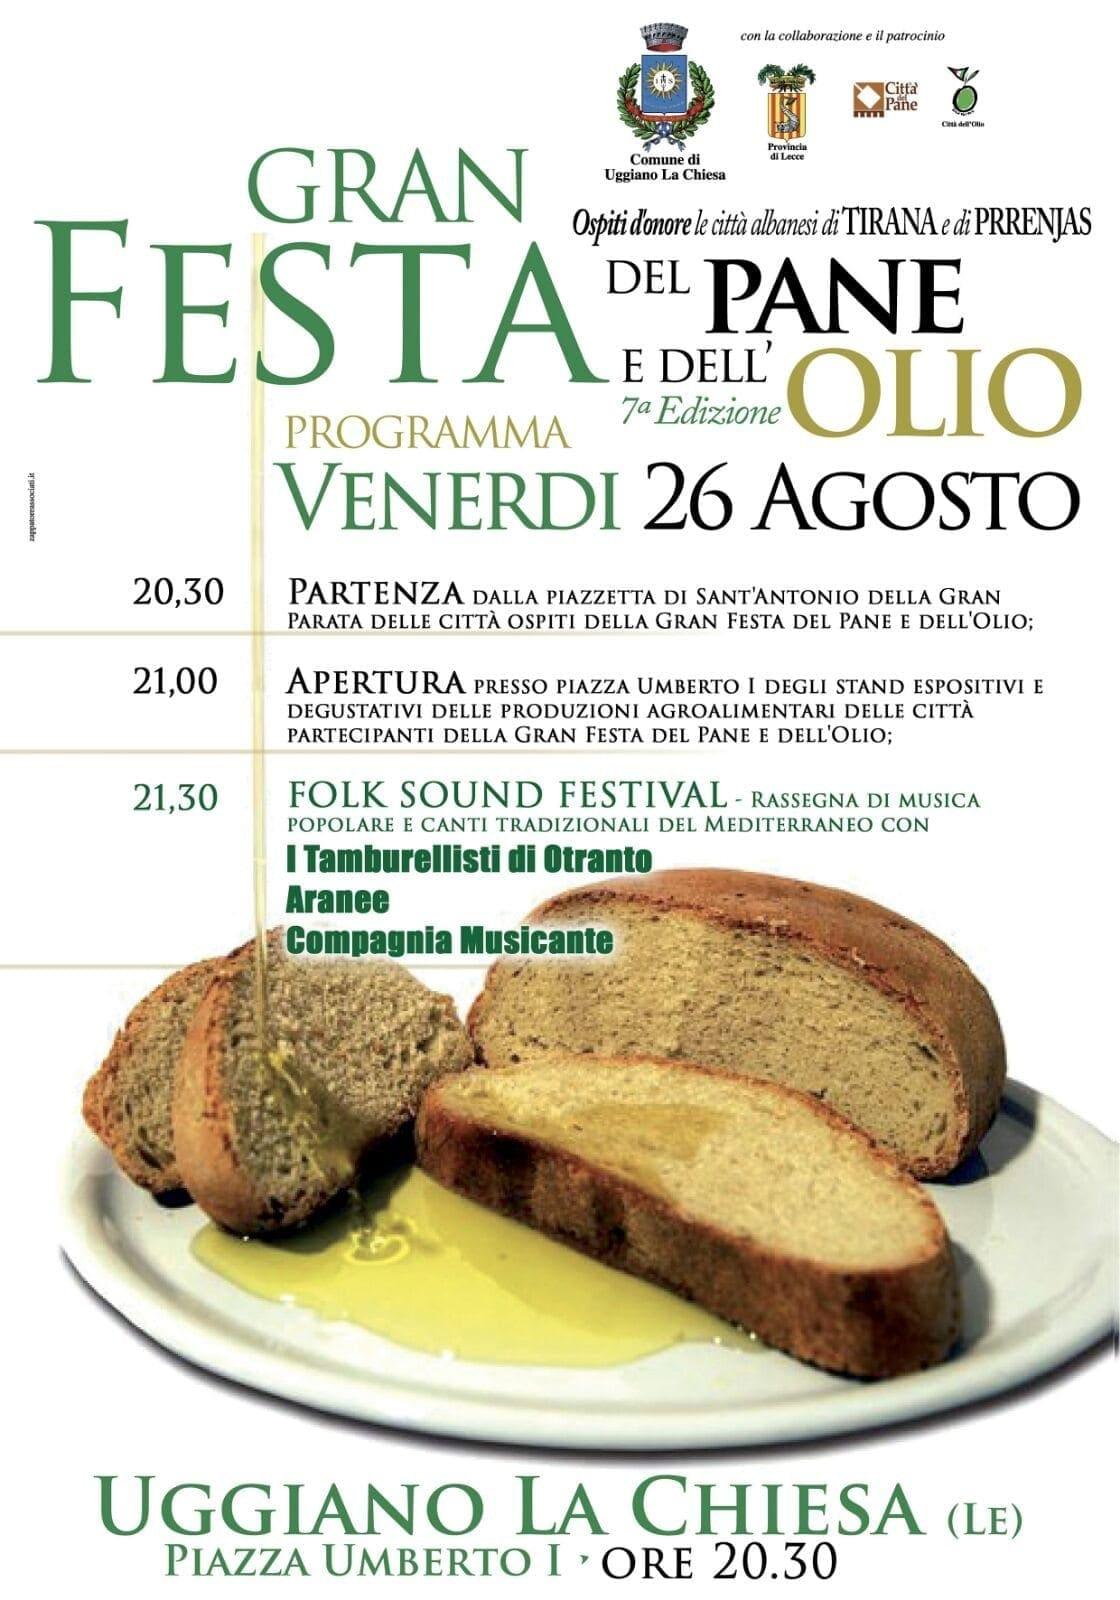 Gran Festa del pane e dell'olio